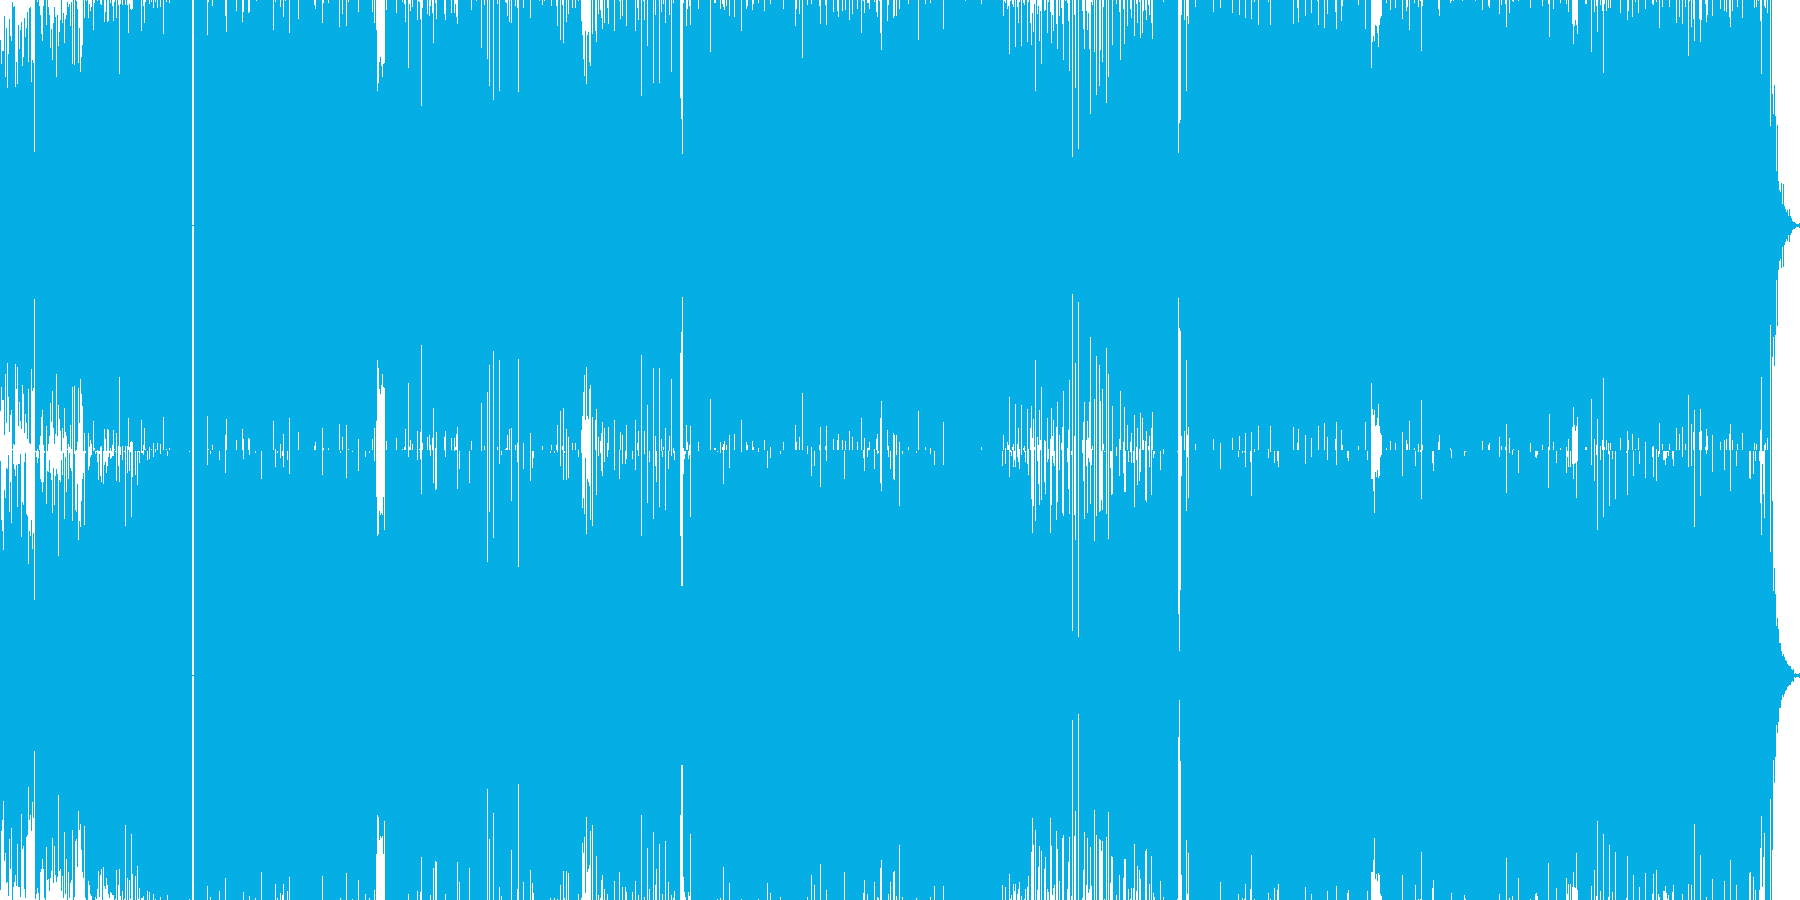 coolでカッコいいをテーマに作ったT…の再生済みの波形